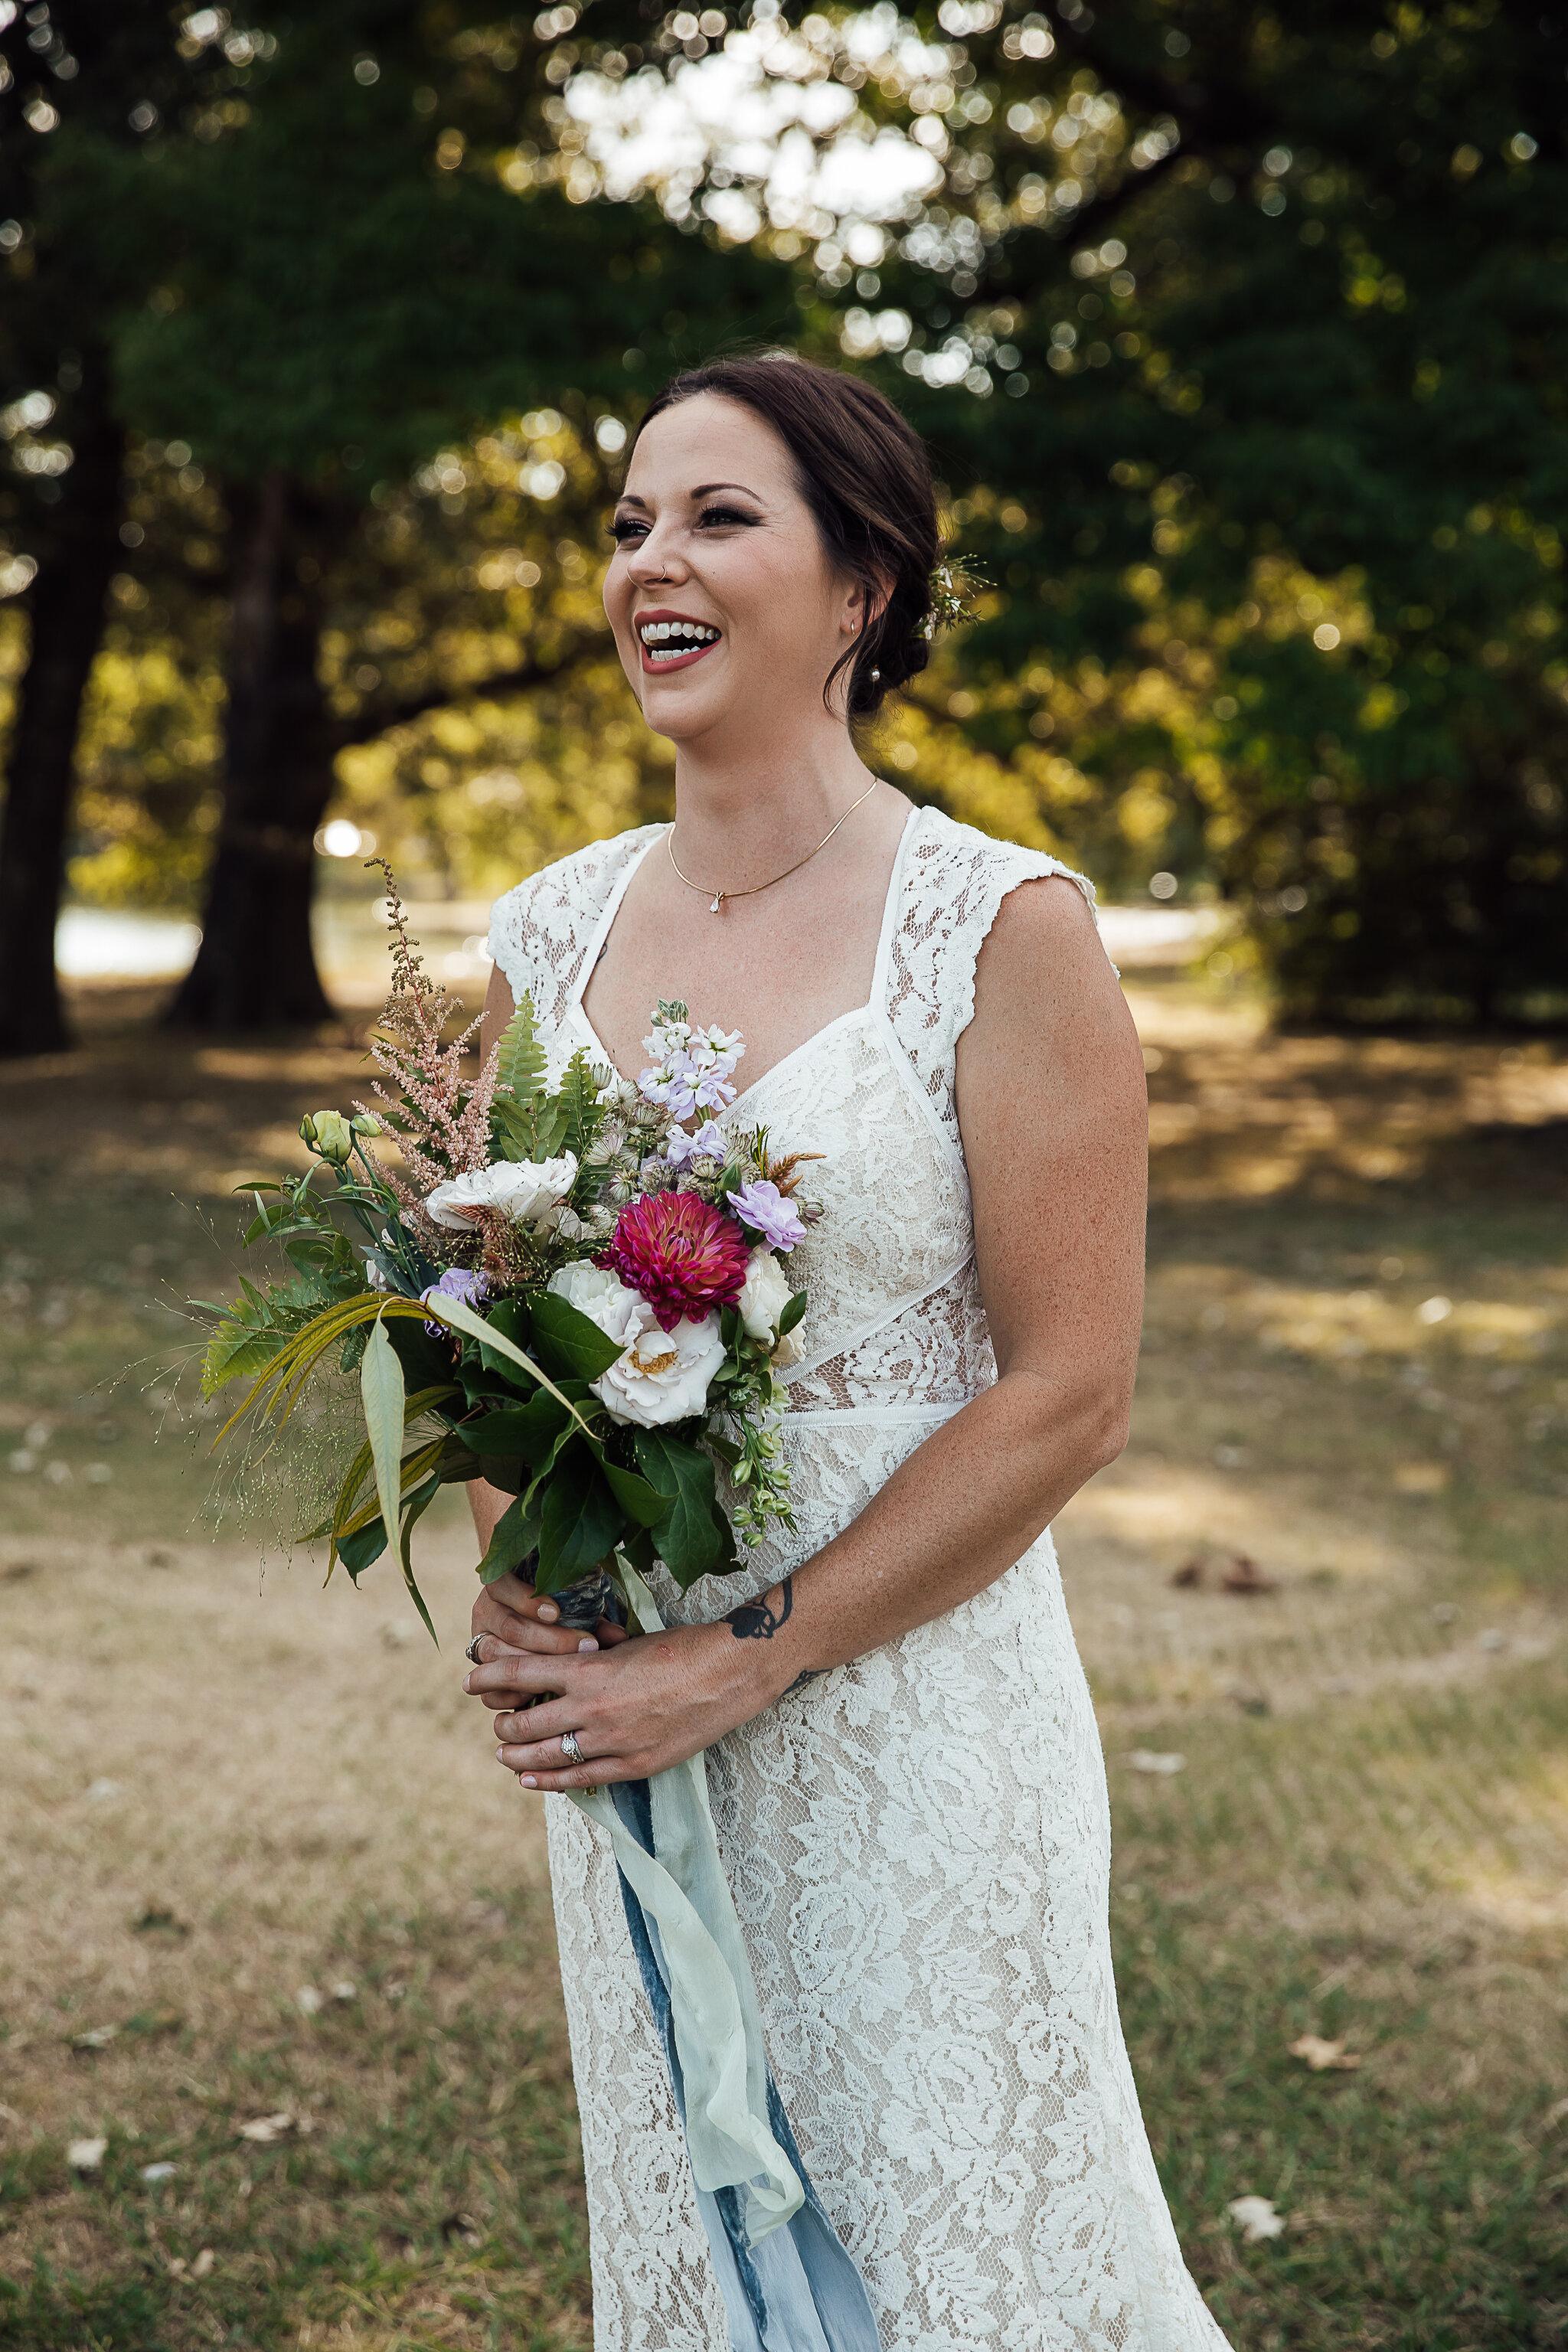 Allison-and-Wesley-Memphis-Backyard-Wedding-TheWarmthAroundYou-27.jpg